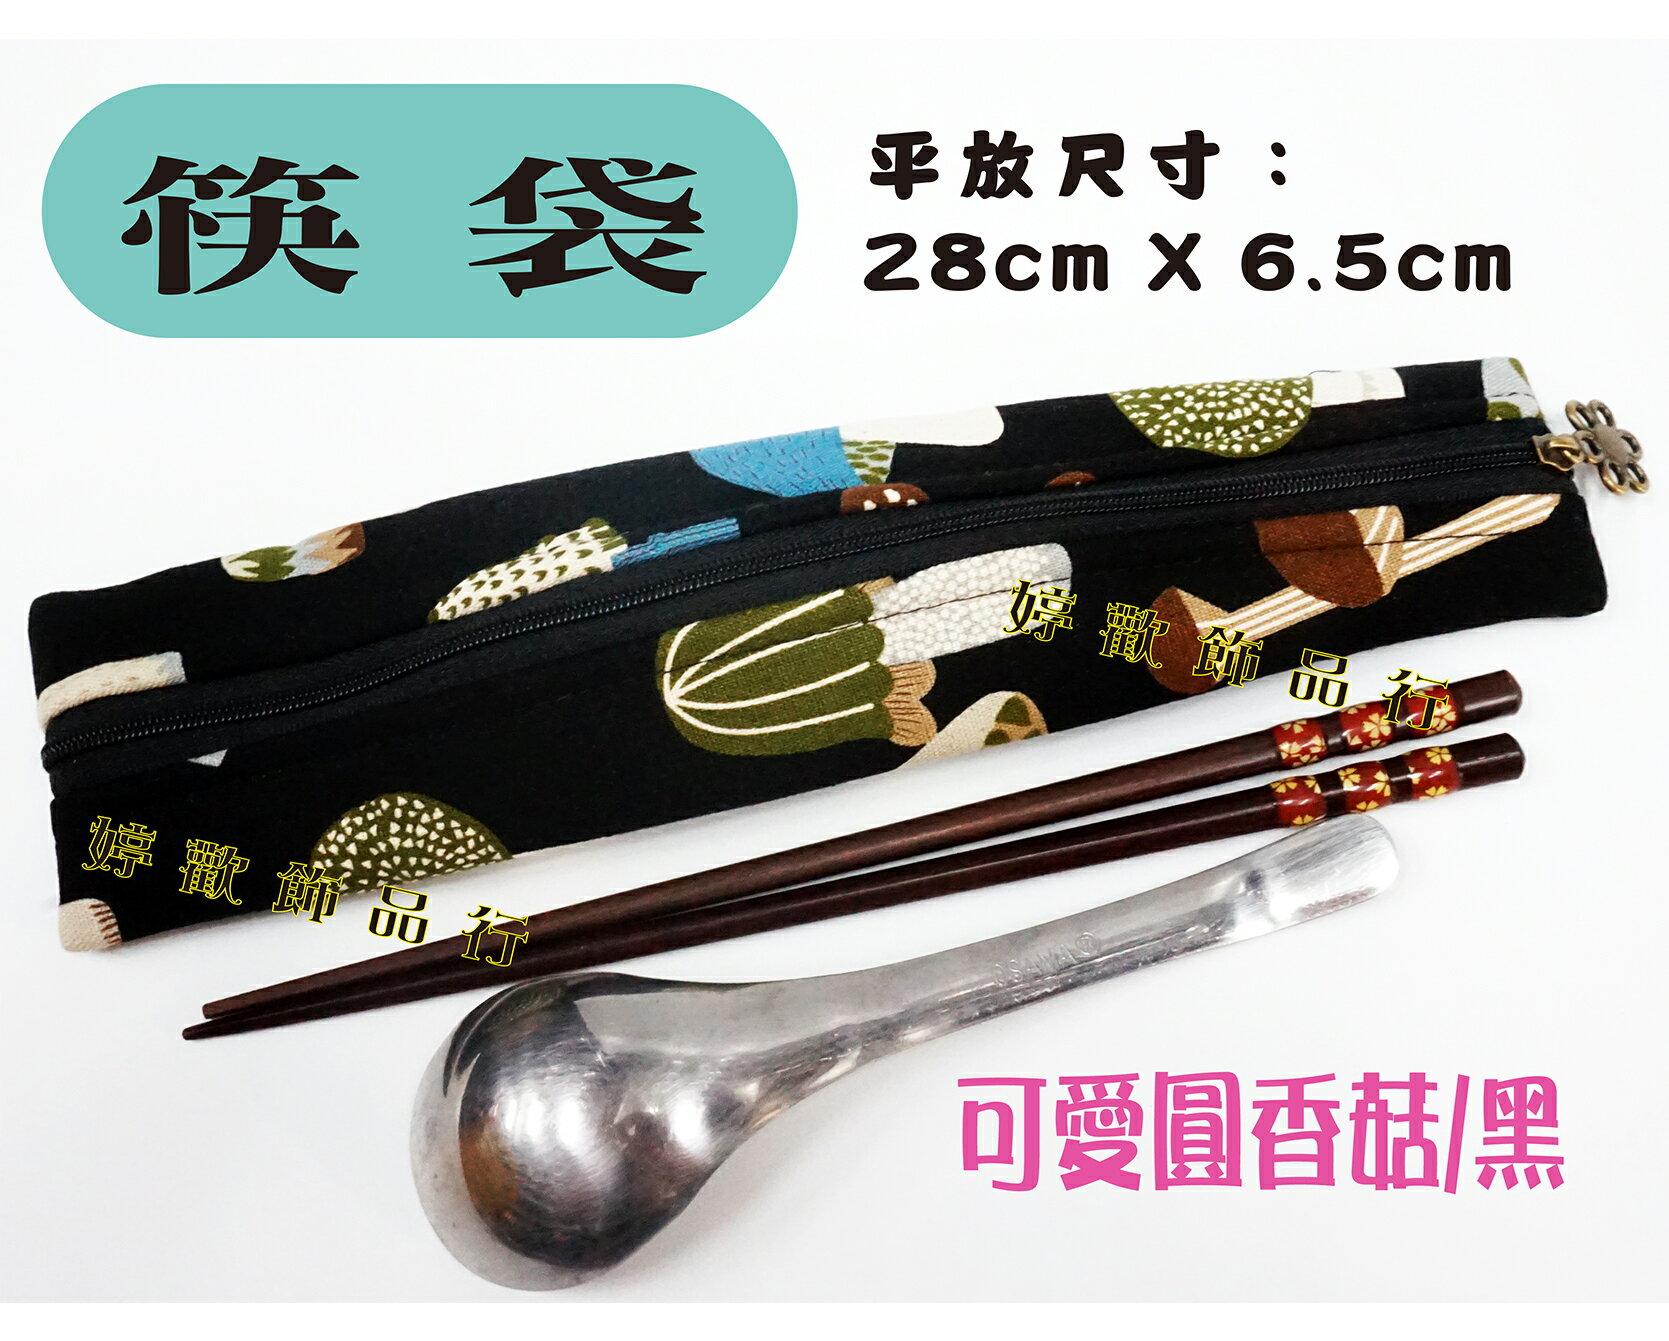 筷袋/牙刷袋/台灣製造/日本布料/時尚美觀/可愛圓香菇